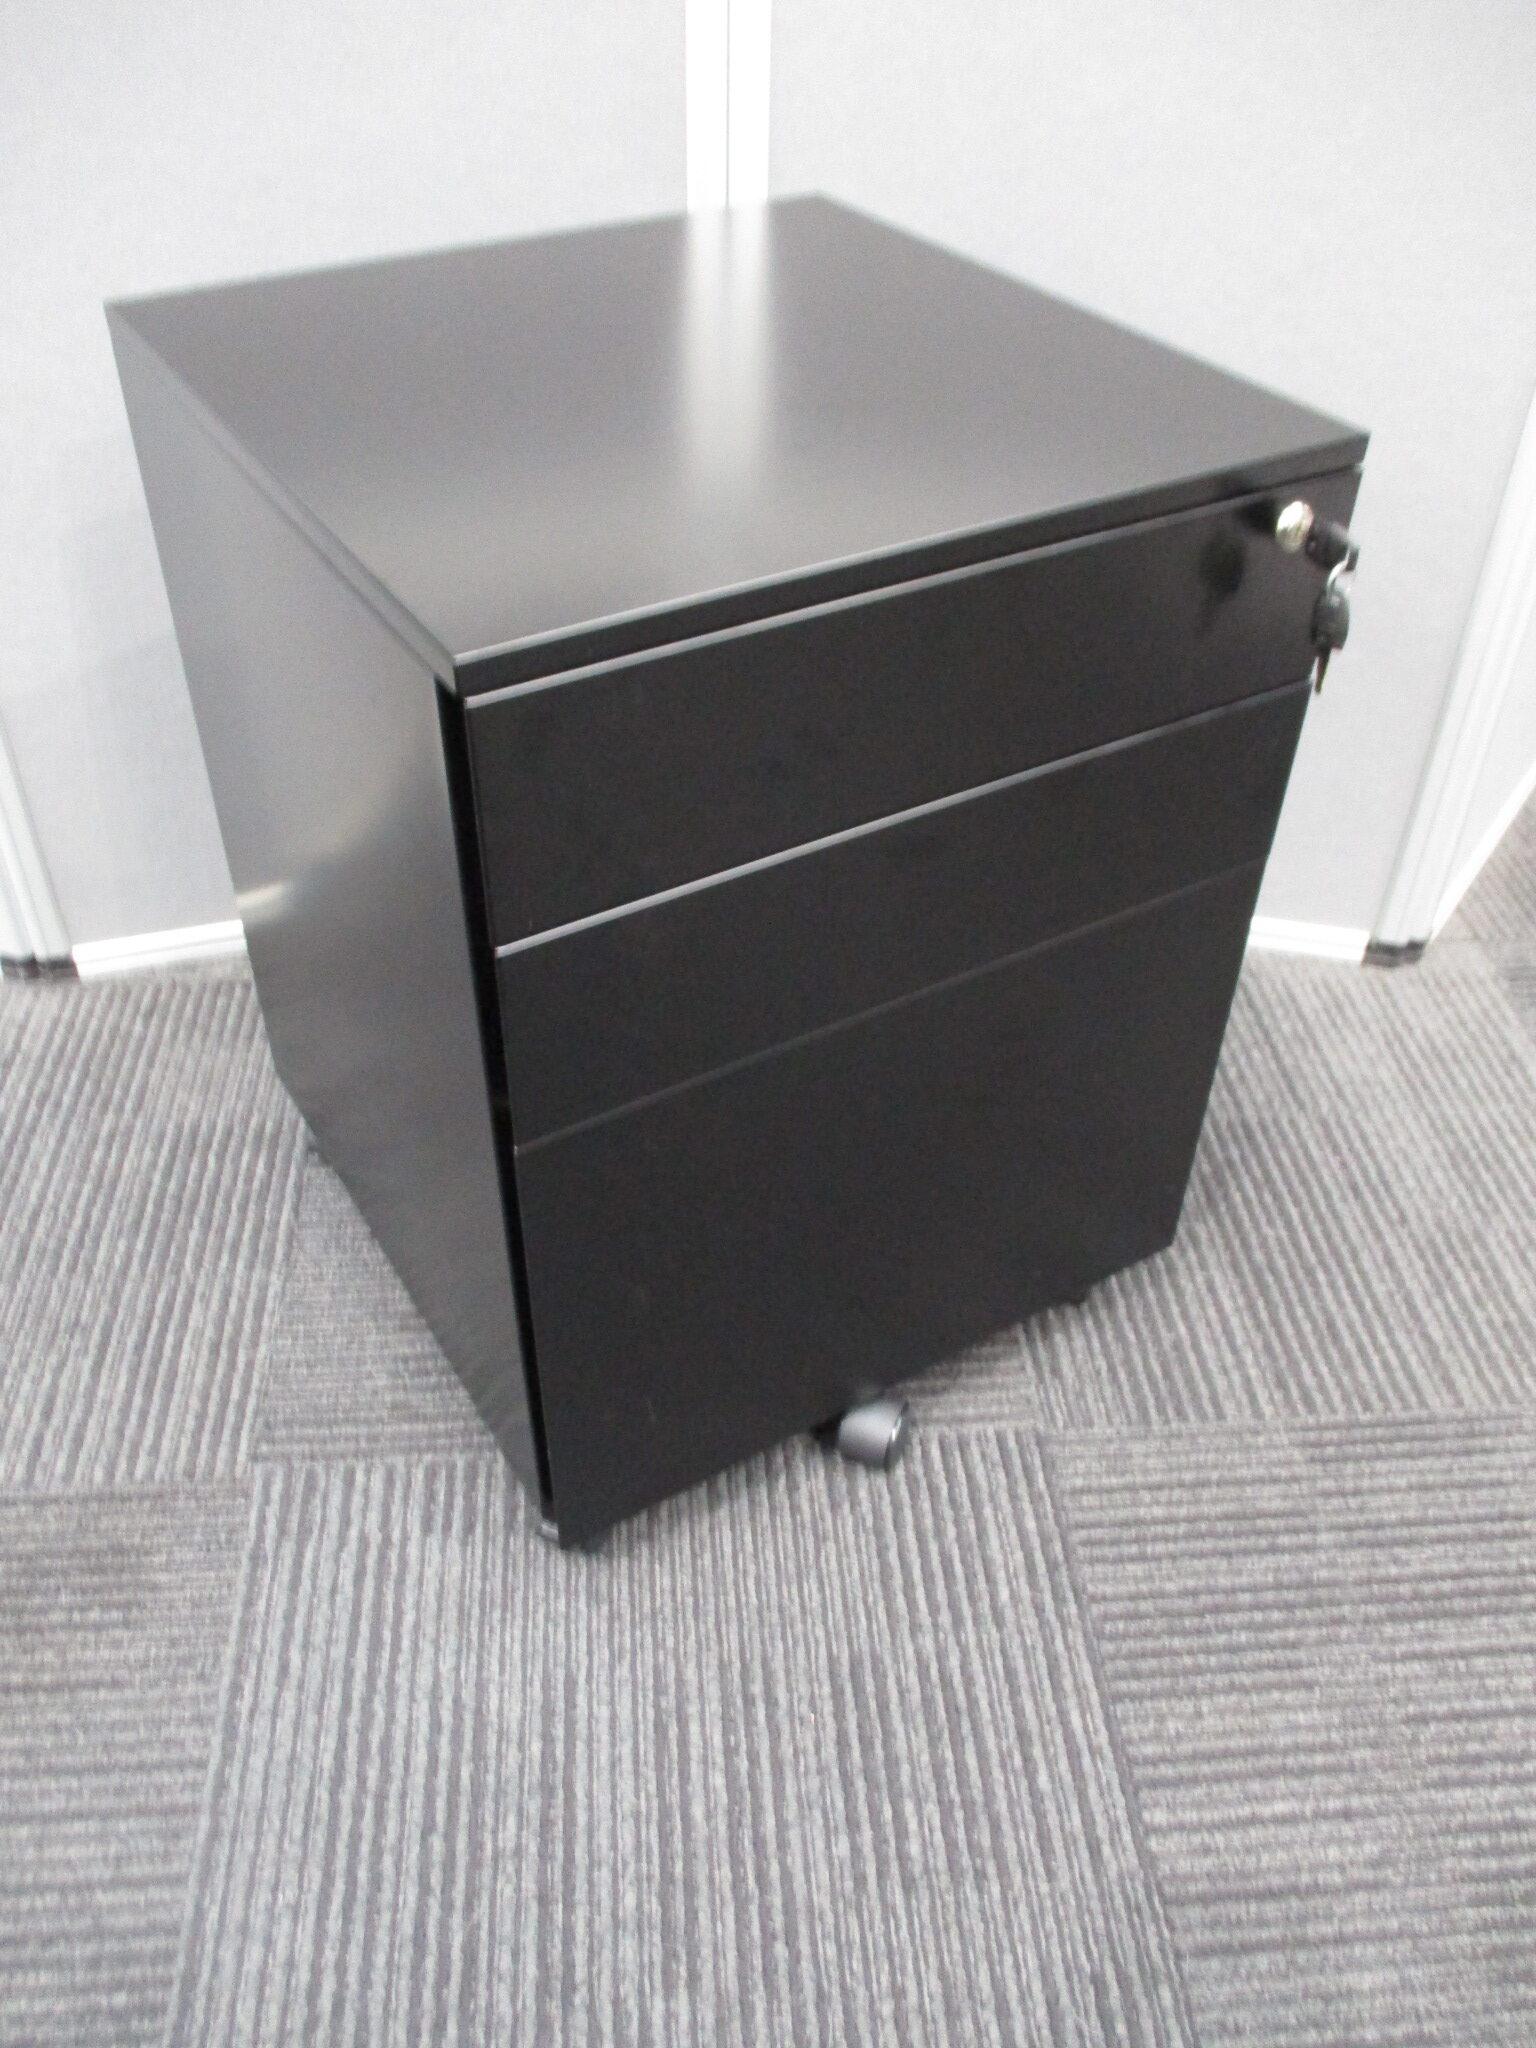 New GO Black Steel 3 Drawer Mobile Pedestals $250